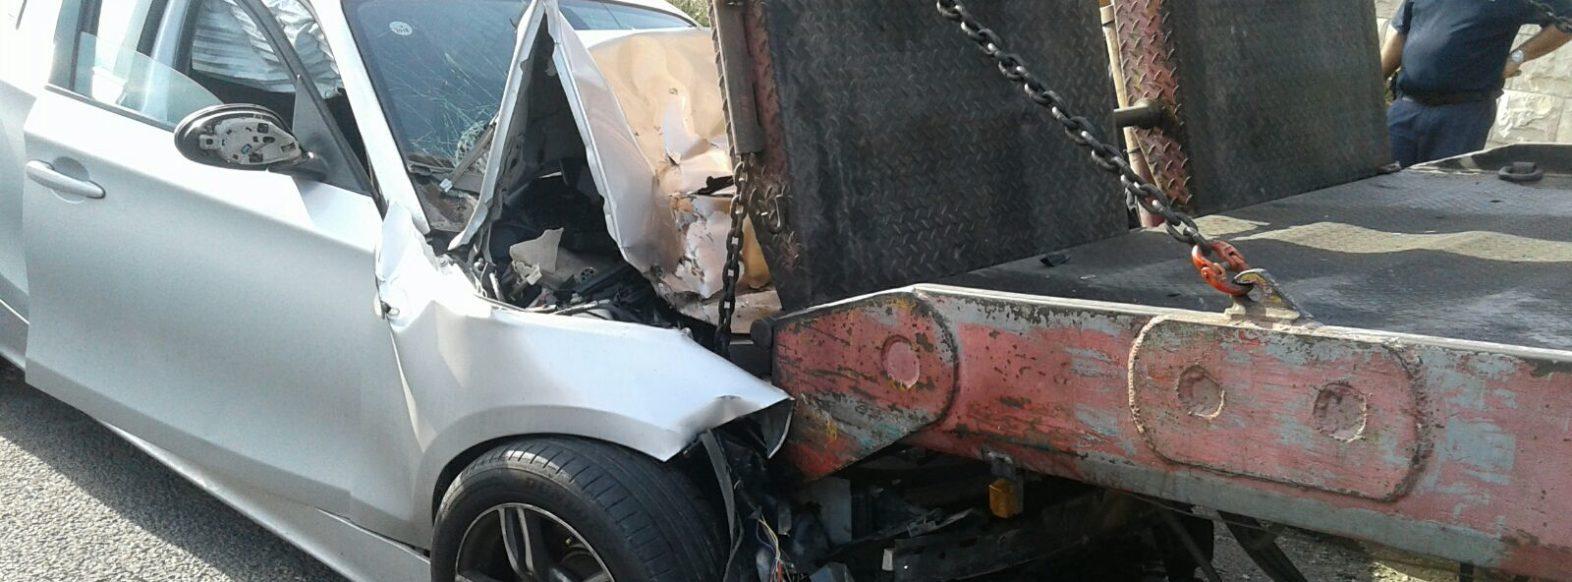 תאונת דרכים קשה-בן 20 התנגש במשאית חונה ומצבו קשה מאוד